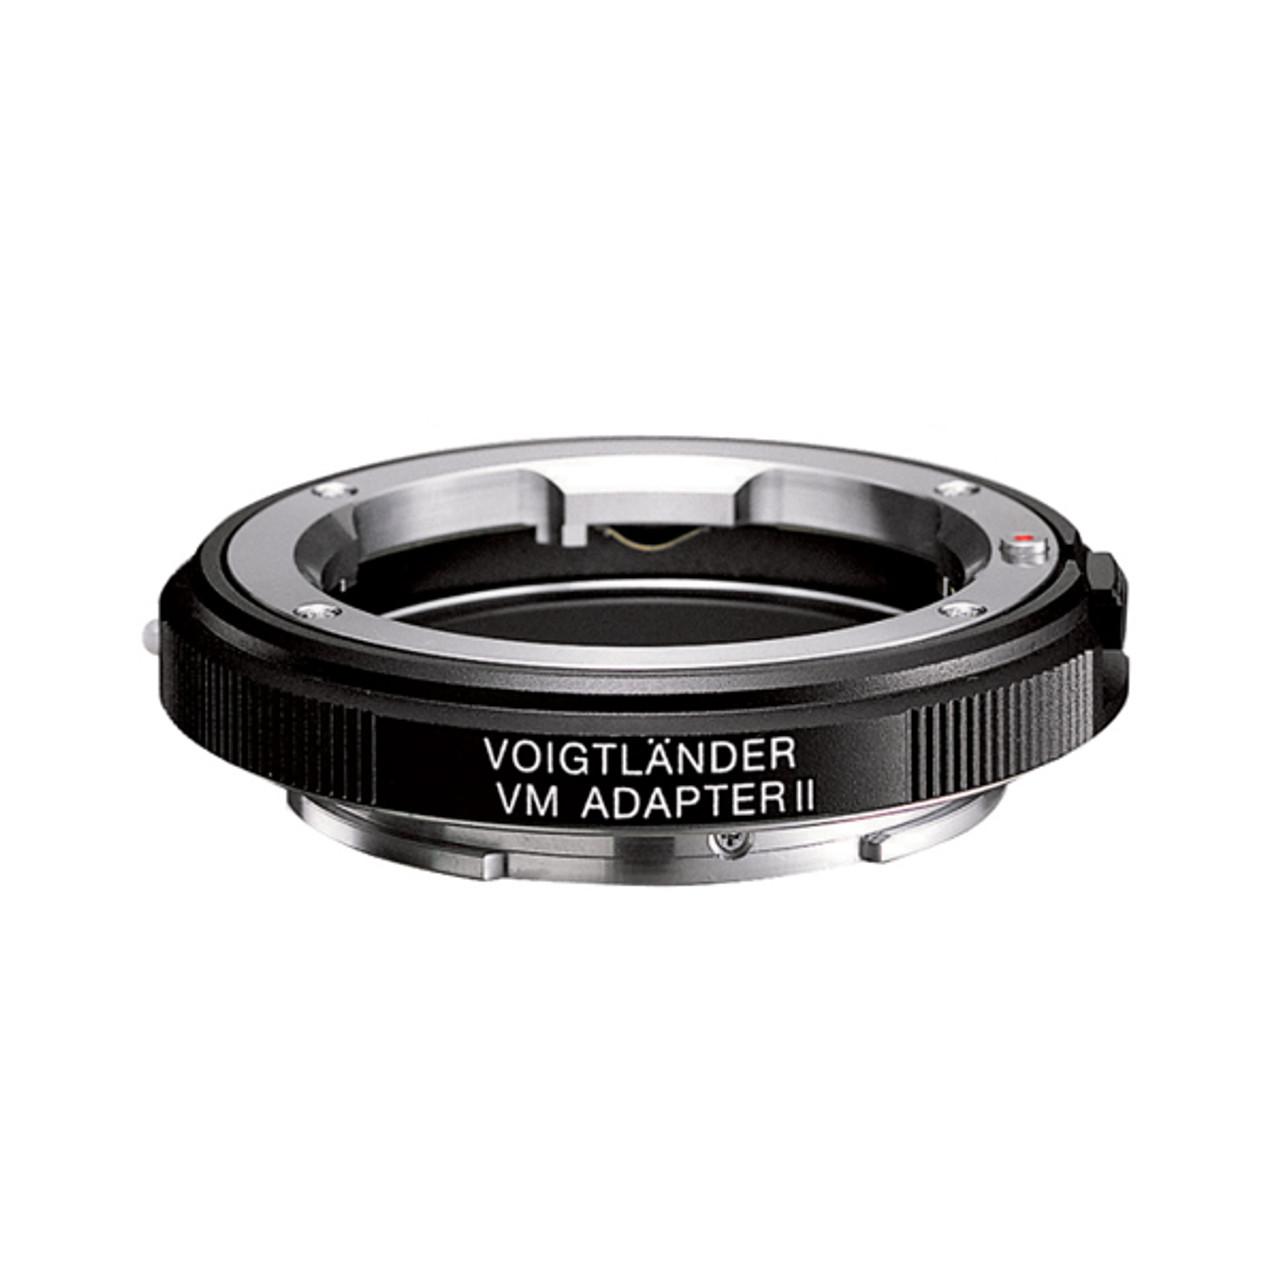 Voigtlander VM to E-Mount Adapter II